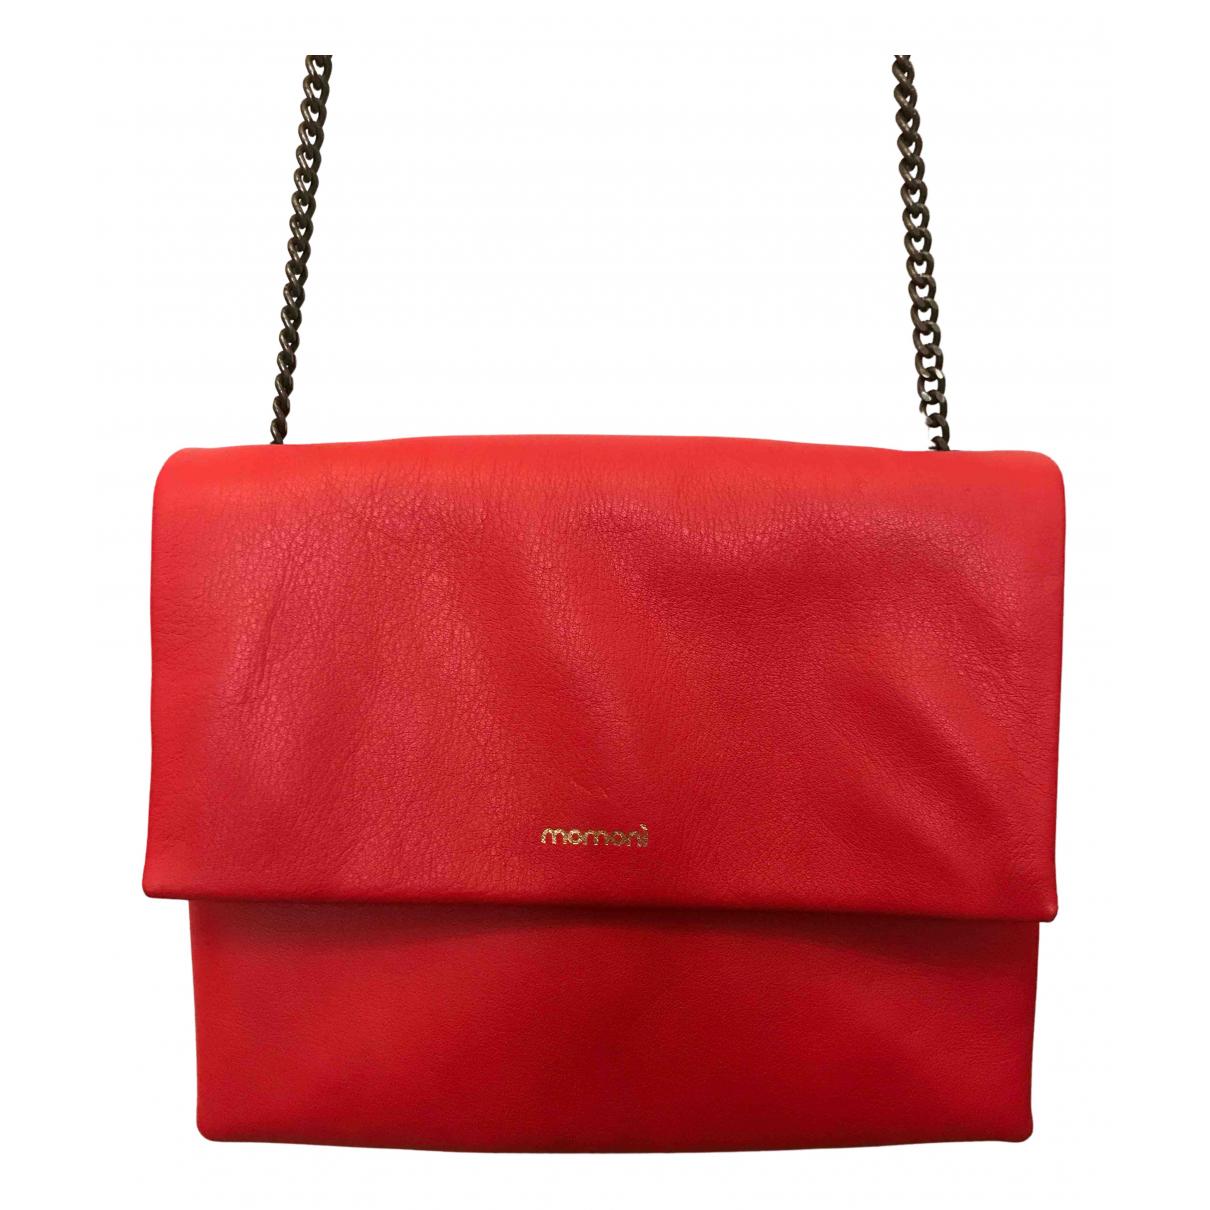 Momoni N Red Leather handbag for Women N